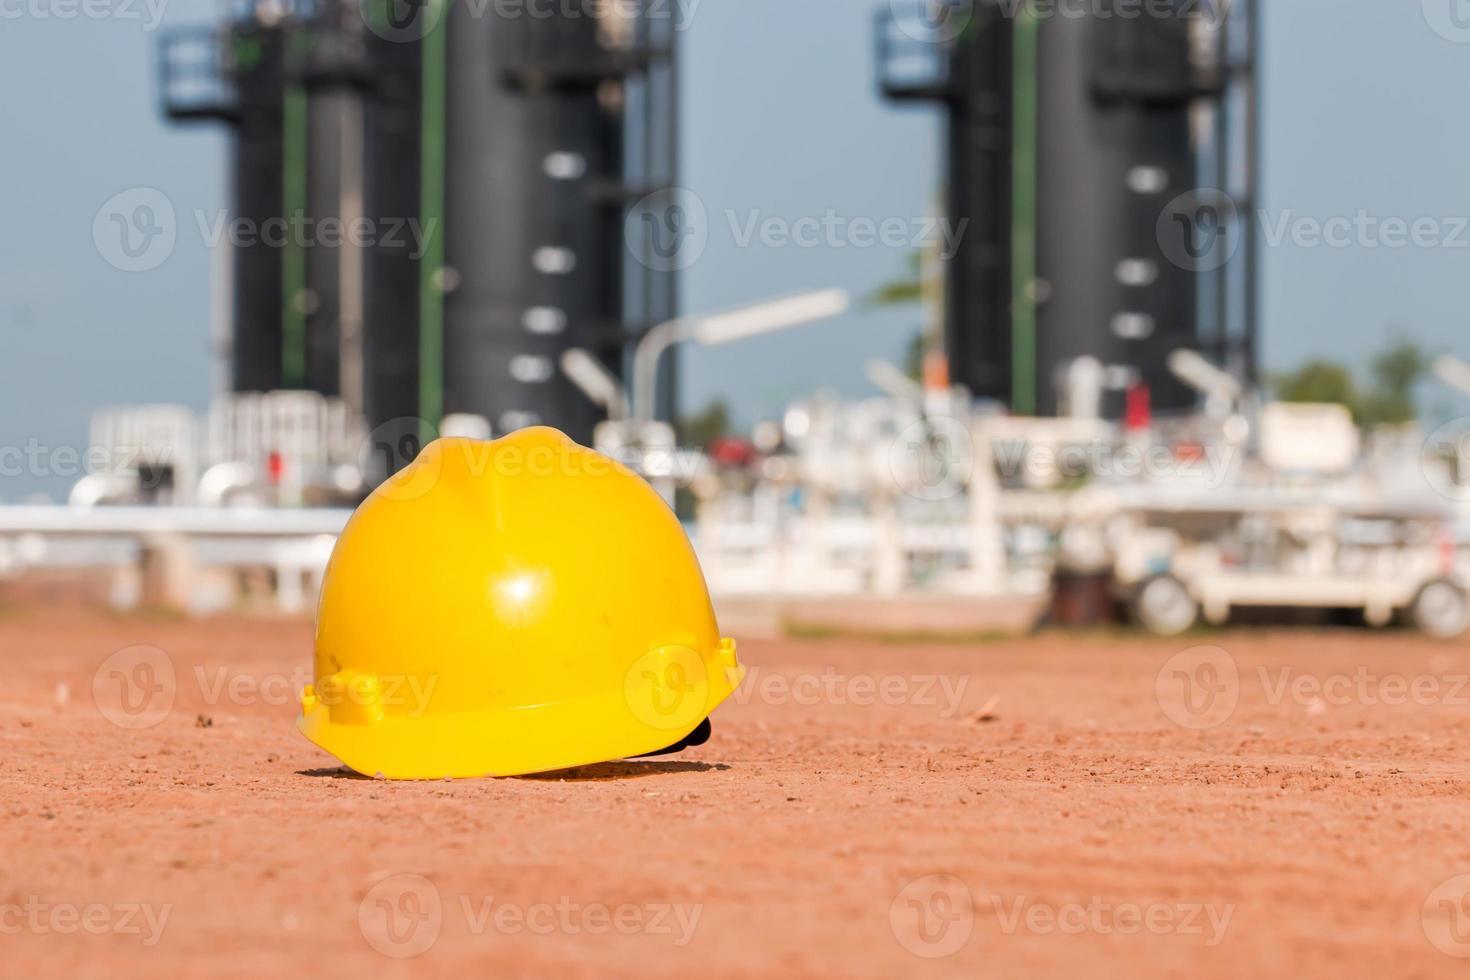 capacete de segurança que é um equipamento de segurança no campo petrolífero foto